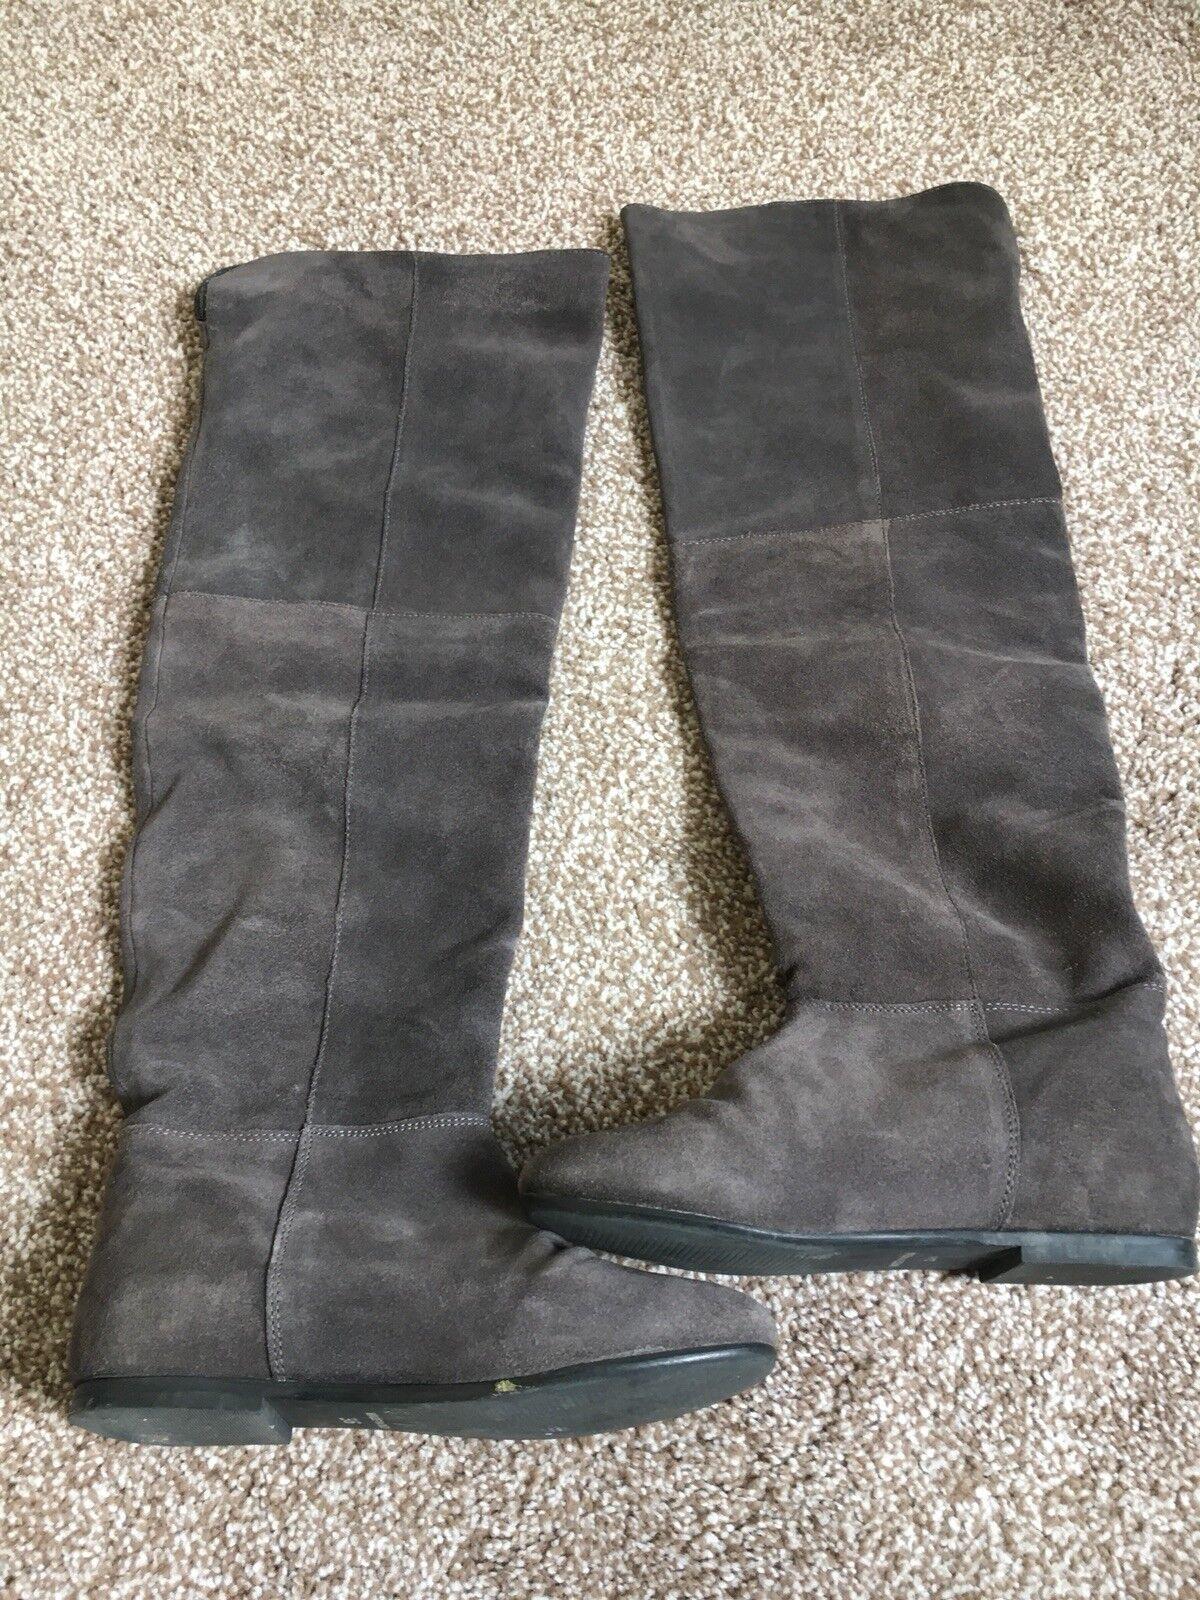 Kurt Geiger Knee High Boots Size 3